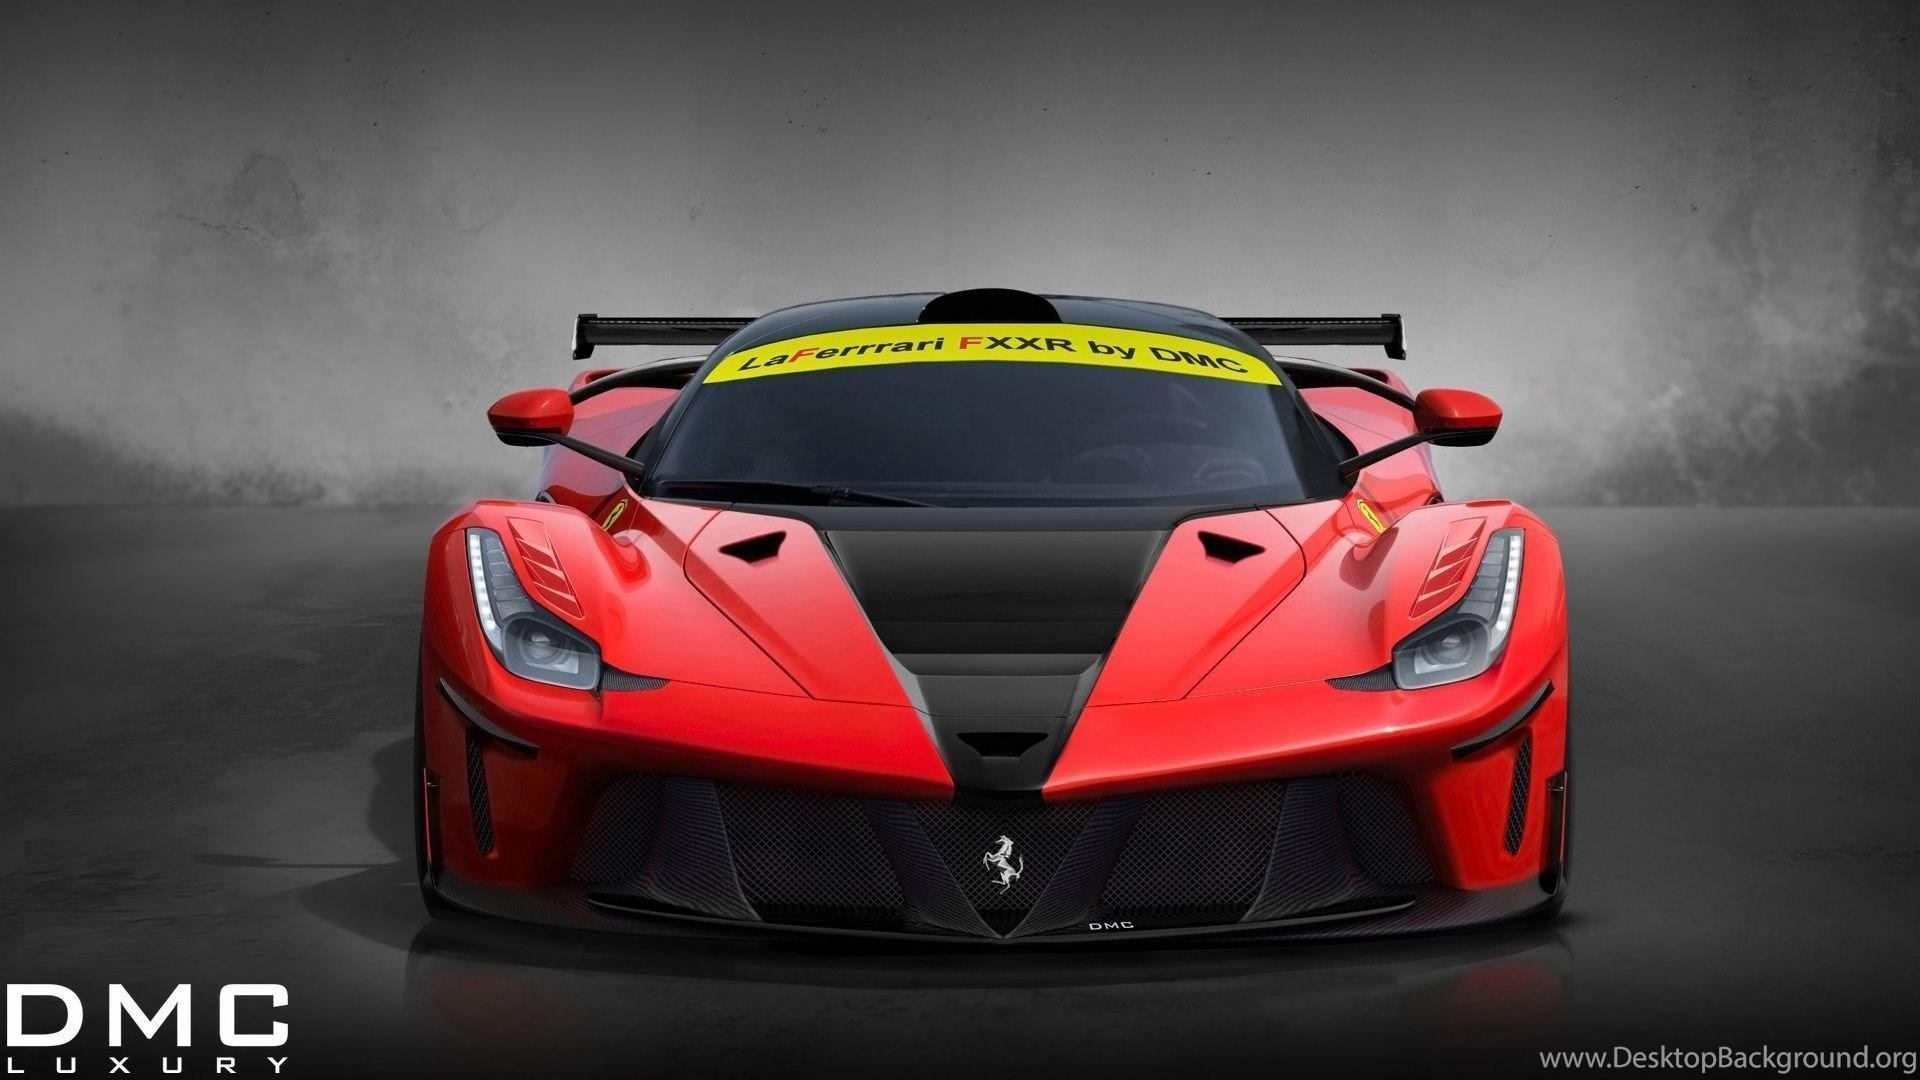 Ferrari Laferrari Wallpapers Hd For Desktop Image Desktop